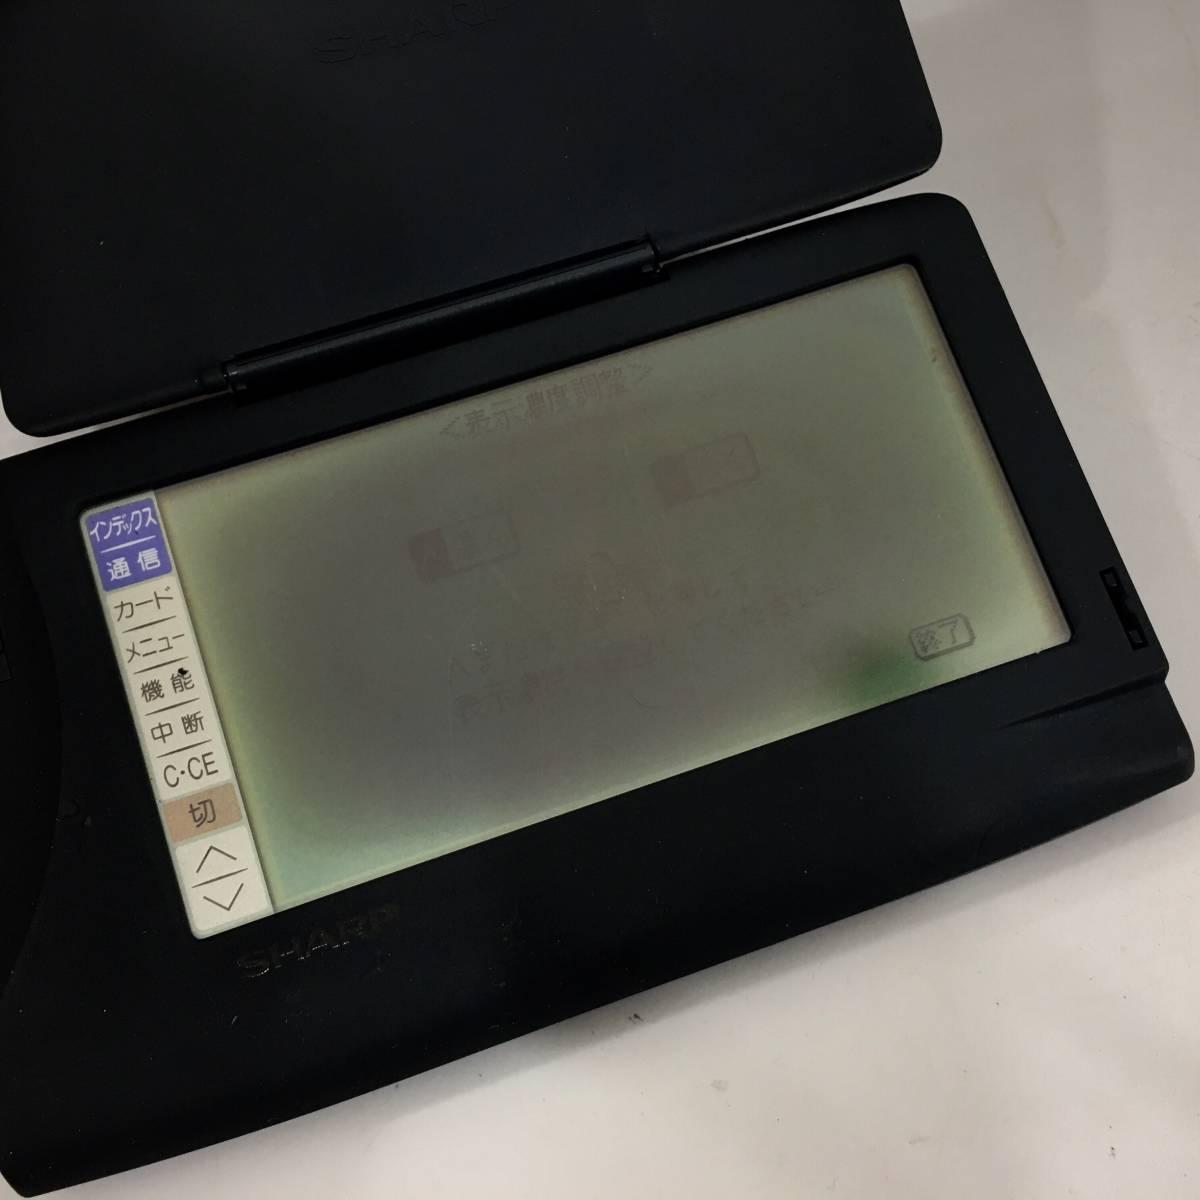 TK07/67 SHARP PI-8000 ザウルス 液晶ペンコム シャープ ZAURUS 新携帯情報ツール ※液晶に問題あり ジャンク品_画像9